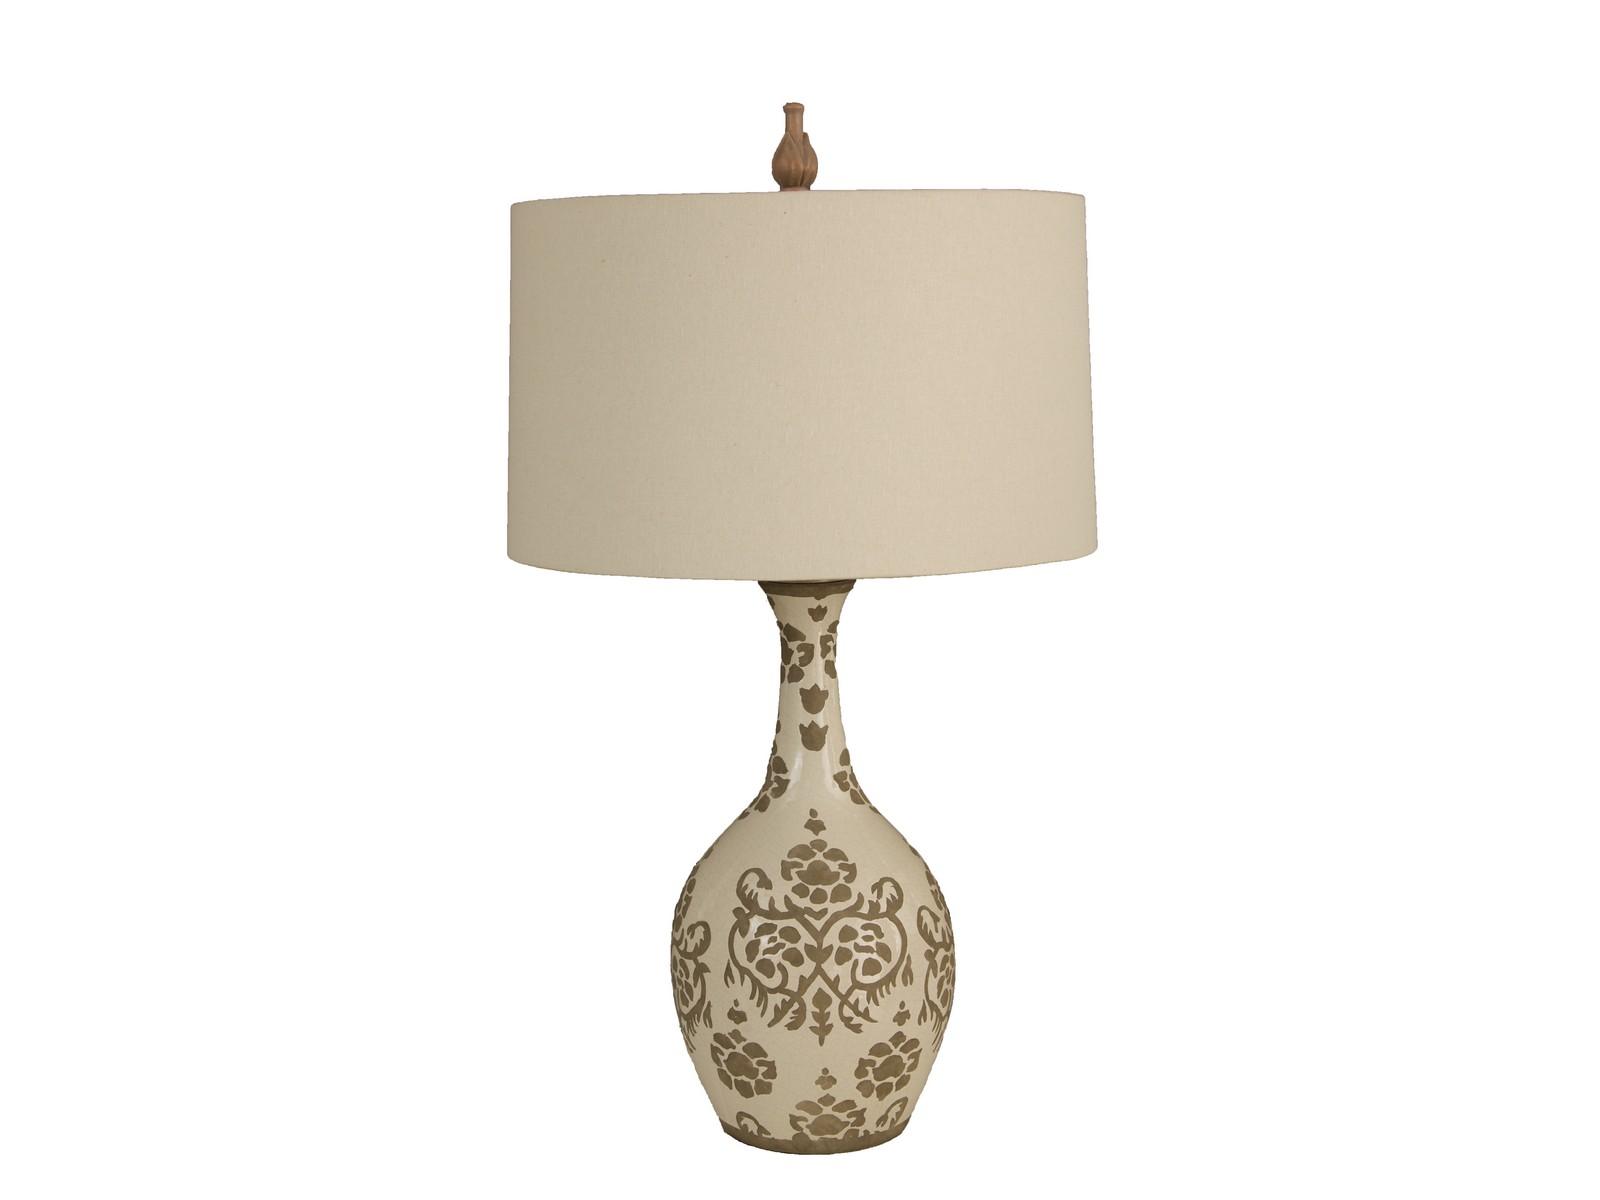 Настольная Лампа Taupe Silhouette VaseДекоративные лампы<br>&amp;lt;div&amp;gt;Вид цоколя: Е27&amp;lt;/div&amp;gt;&amp;lt;div&amp;gt;Мощность лампы: 60W&amp;lt;/div&amp;gt;&amp;lt;div&amp;gt;Количество ламп: 1&amp;lt;/div&amp;gt;&amp;lt;div&amp;gt;Наличие ламп: нет&amp;lt;/div&amp;gt;<br><br>Material: Керамика<br>Height см: 86<br>Diameter см: 48